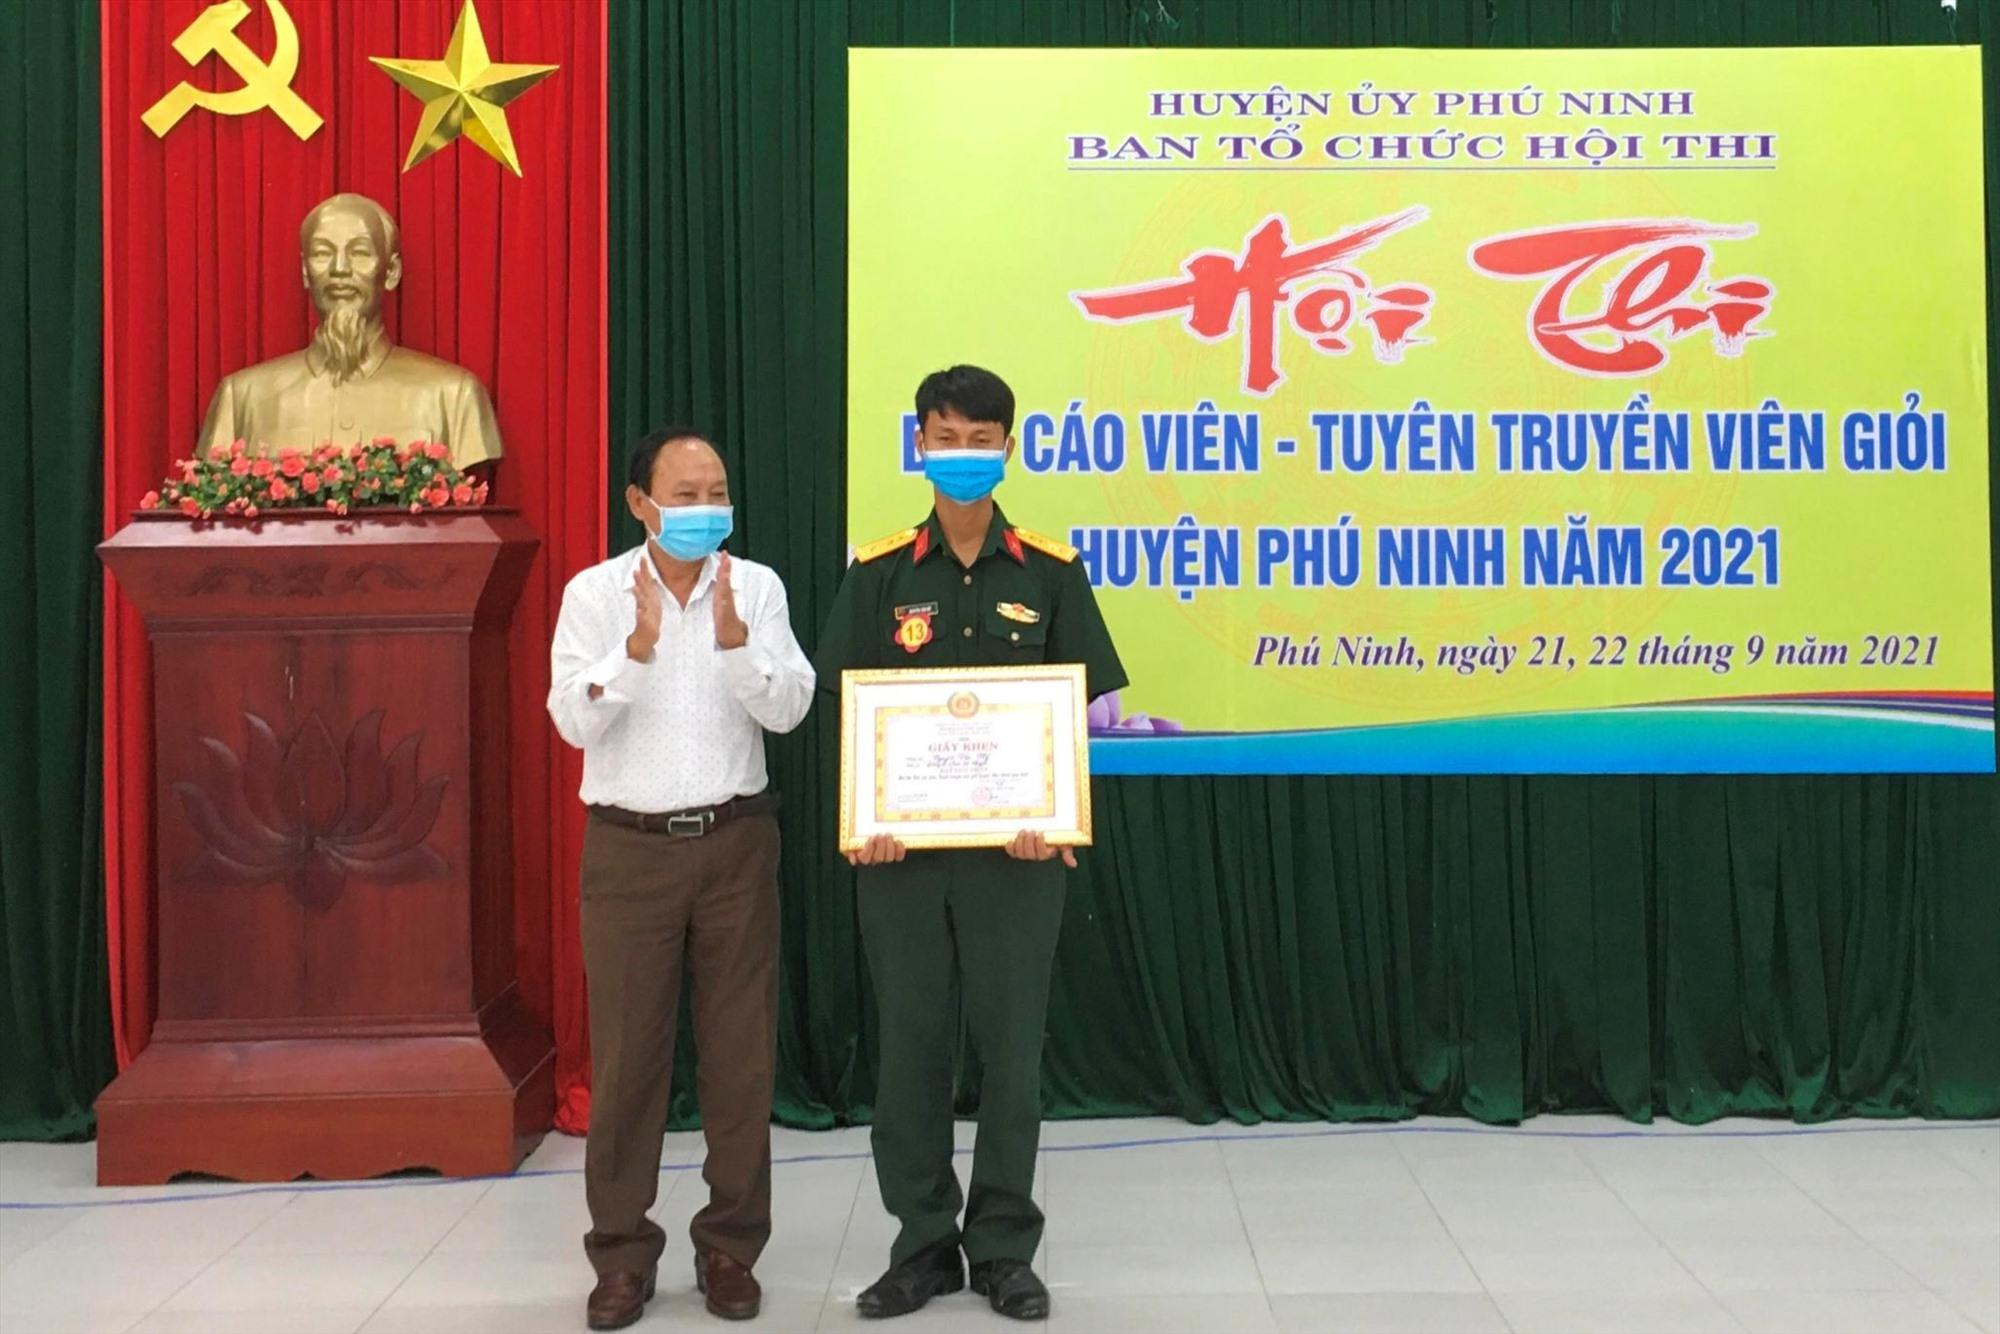 Bí thư Huyện ủy Vũ Văn Thẩm trao giải nhất cho Đại úy Nguyễn Văn Mỹ-Đảng bộ Quân sự huyện.